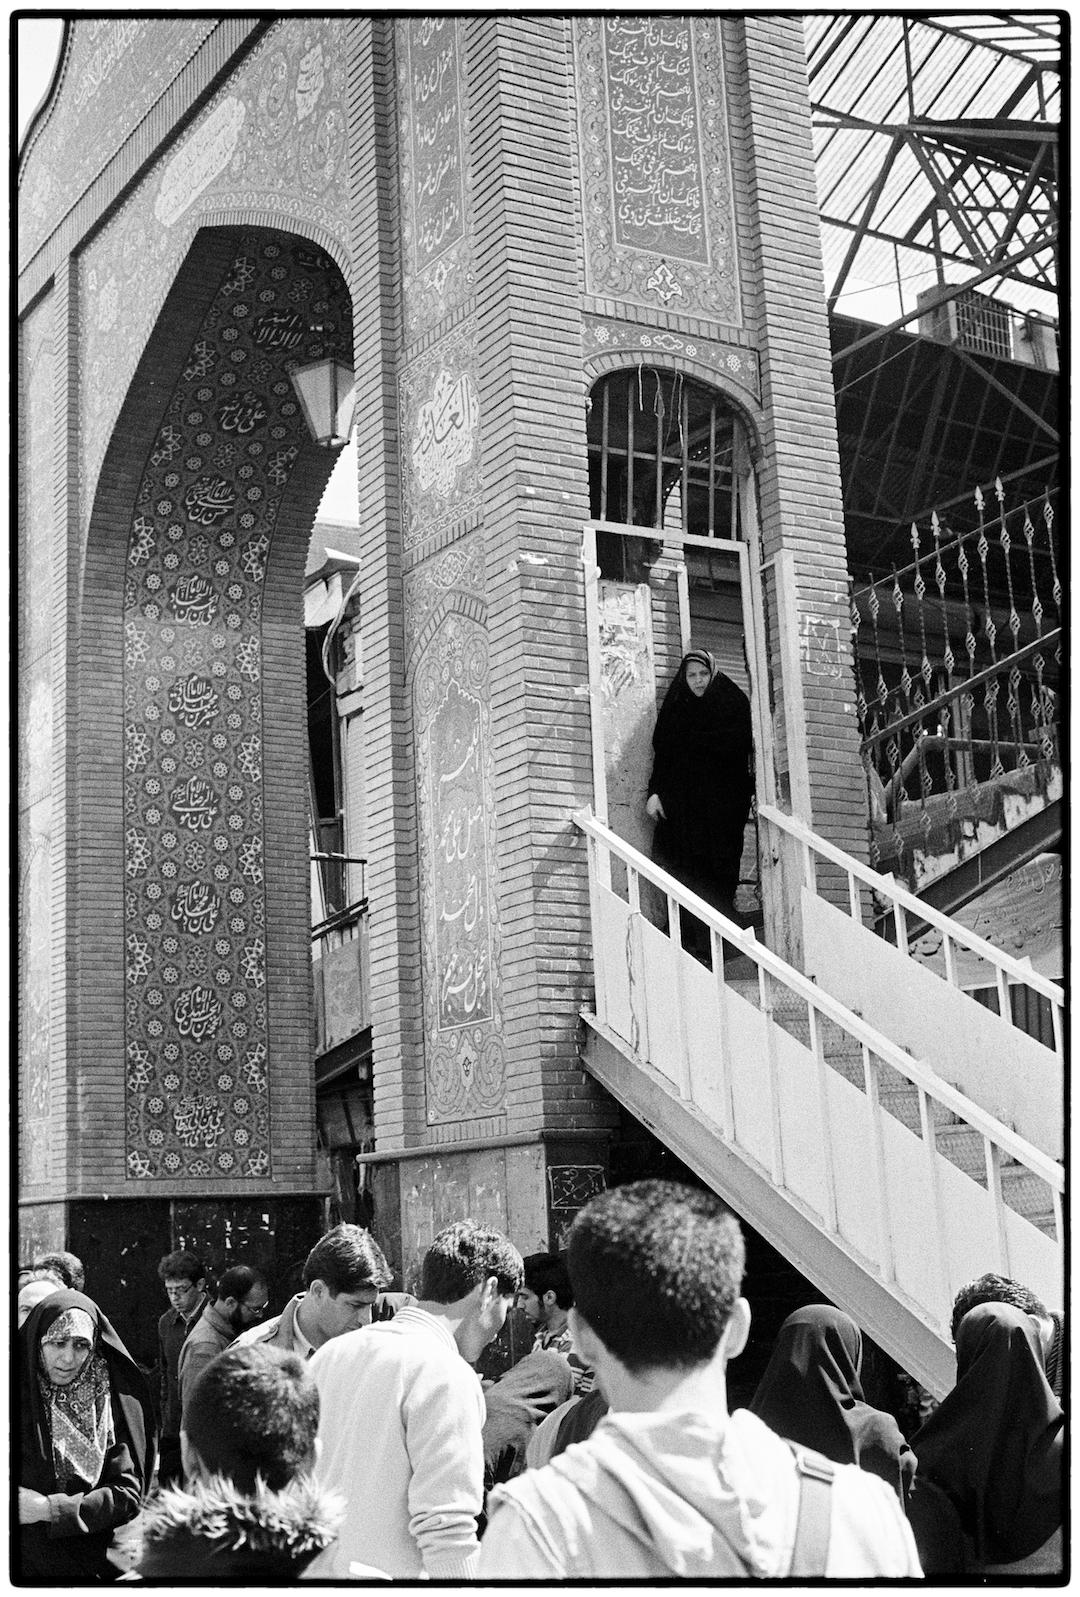 Tehran_2009_I001_TriX400_35_SE.jpg